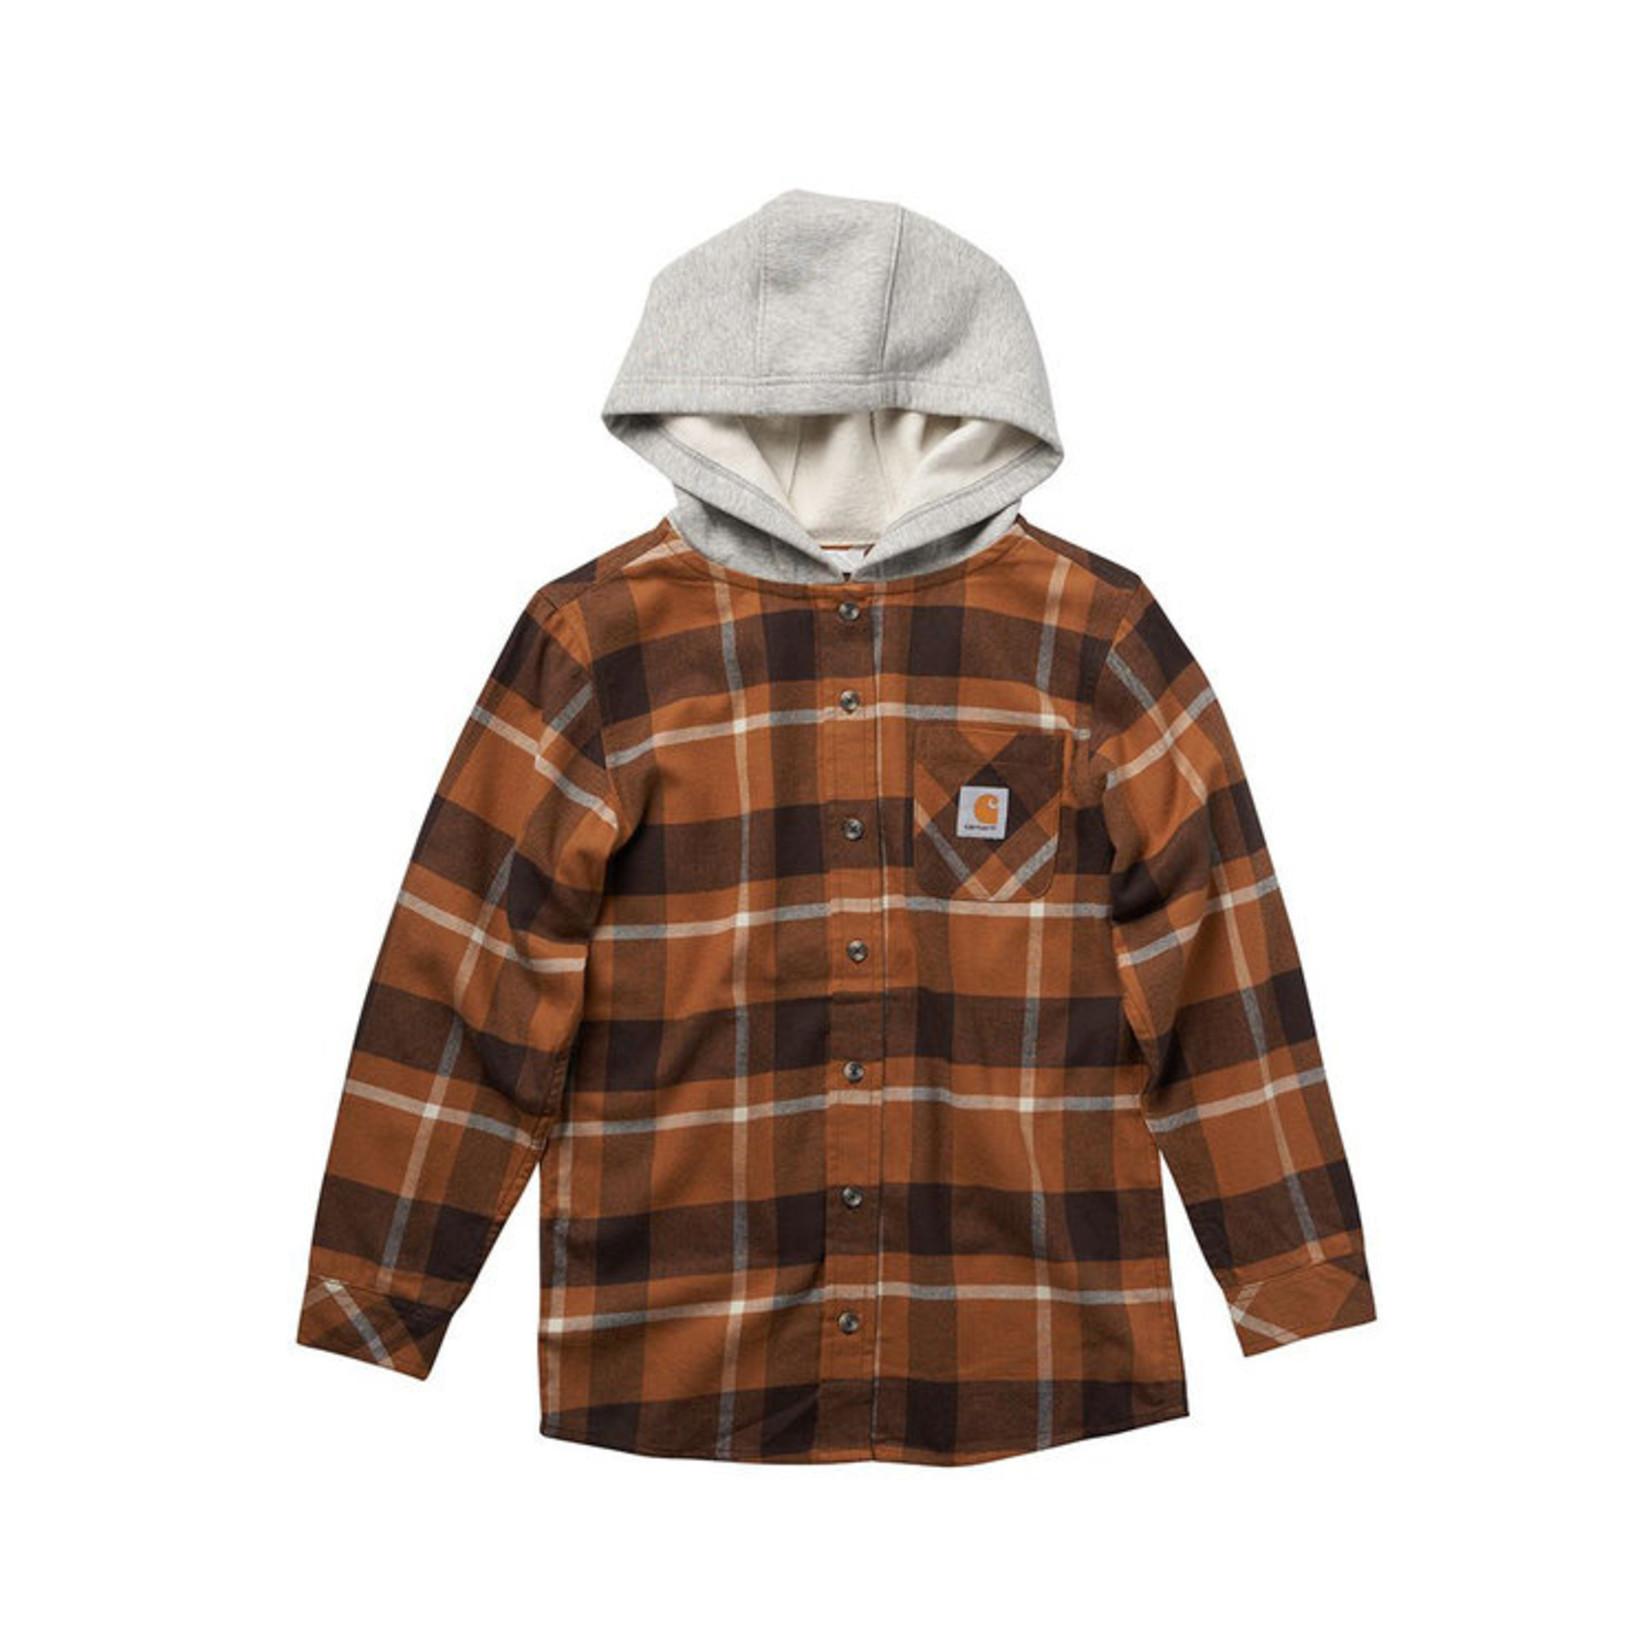 Carhartt Carhartt Kids CE8187 Hooded Flannel Shirt